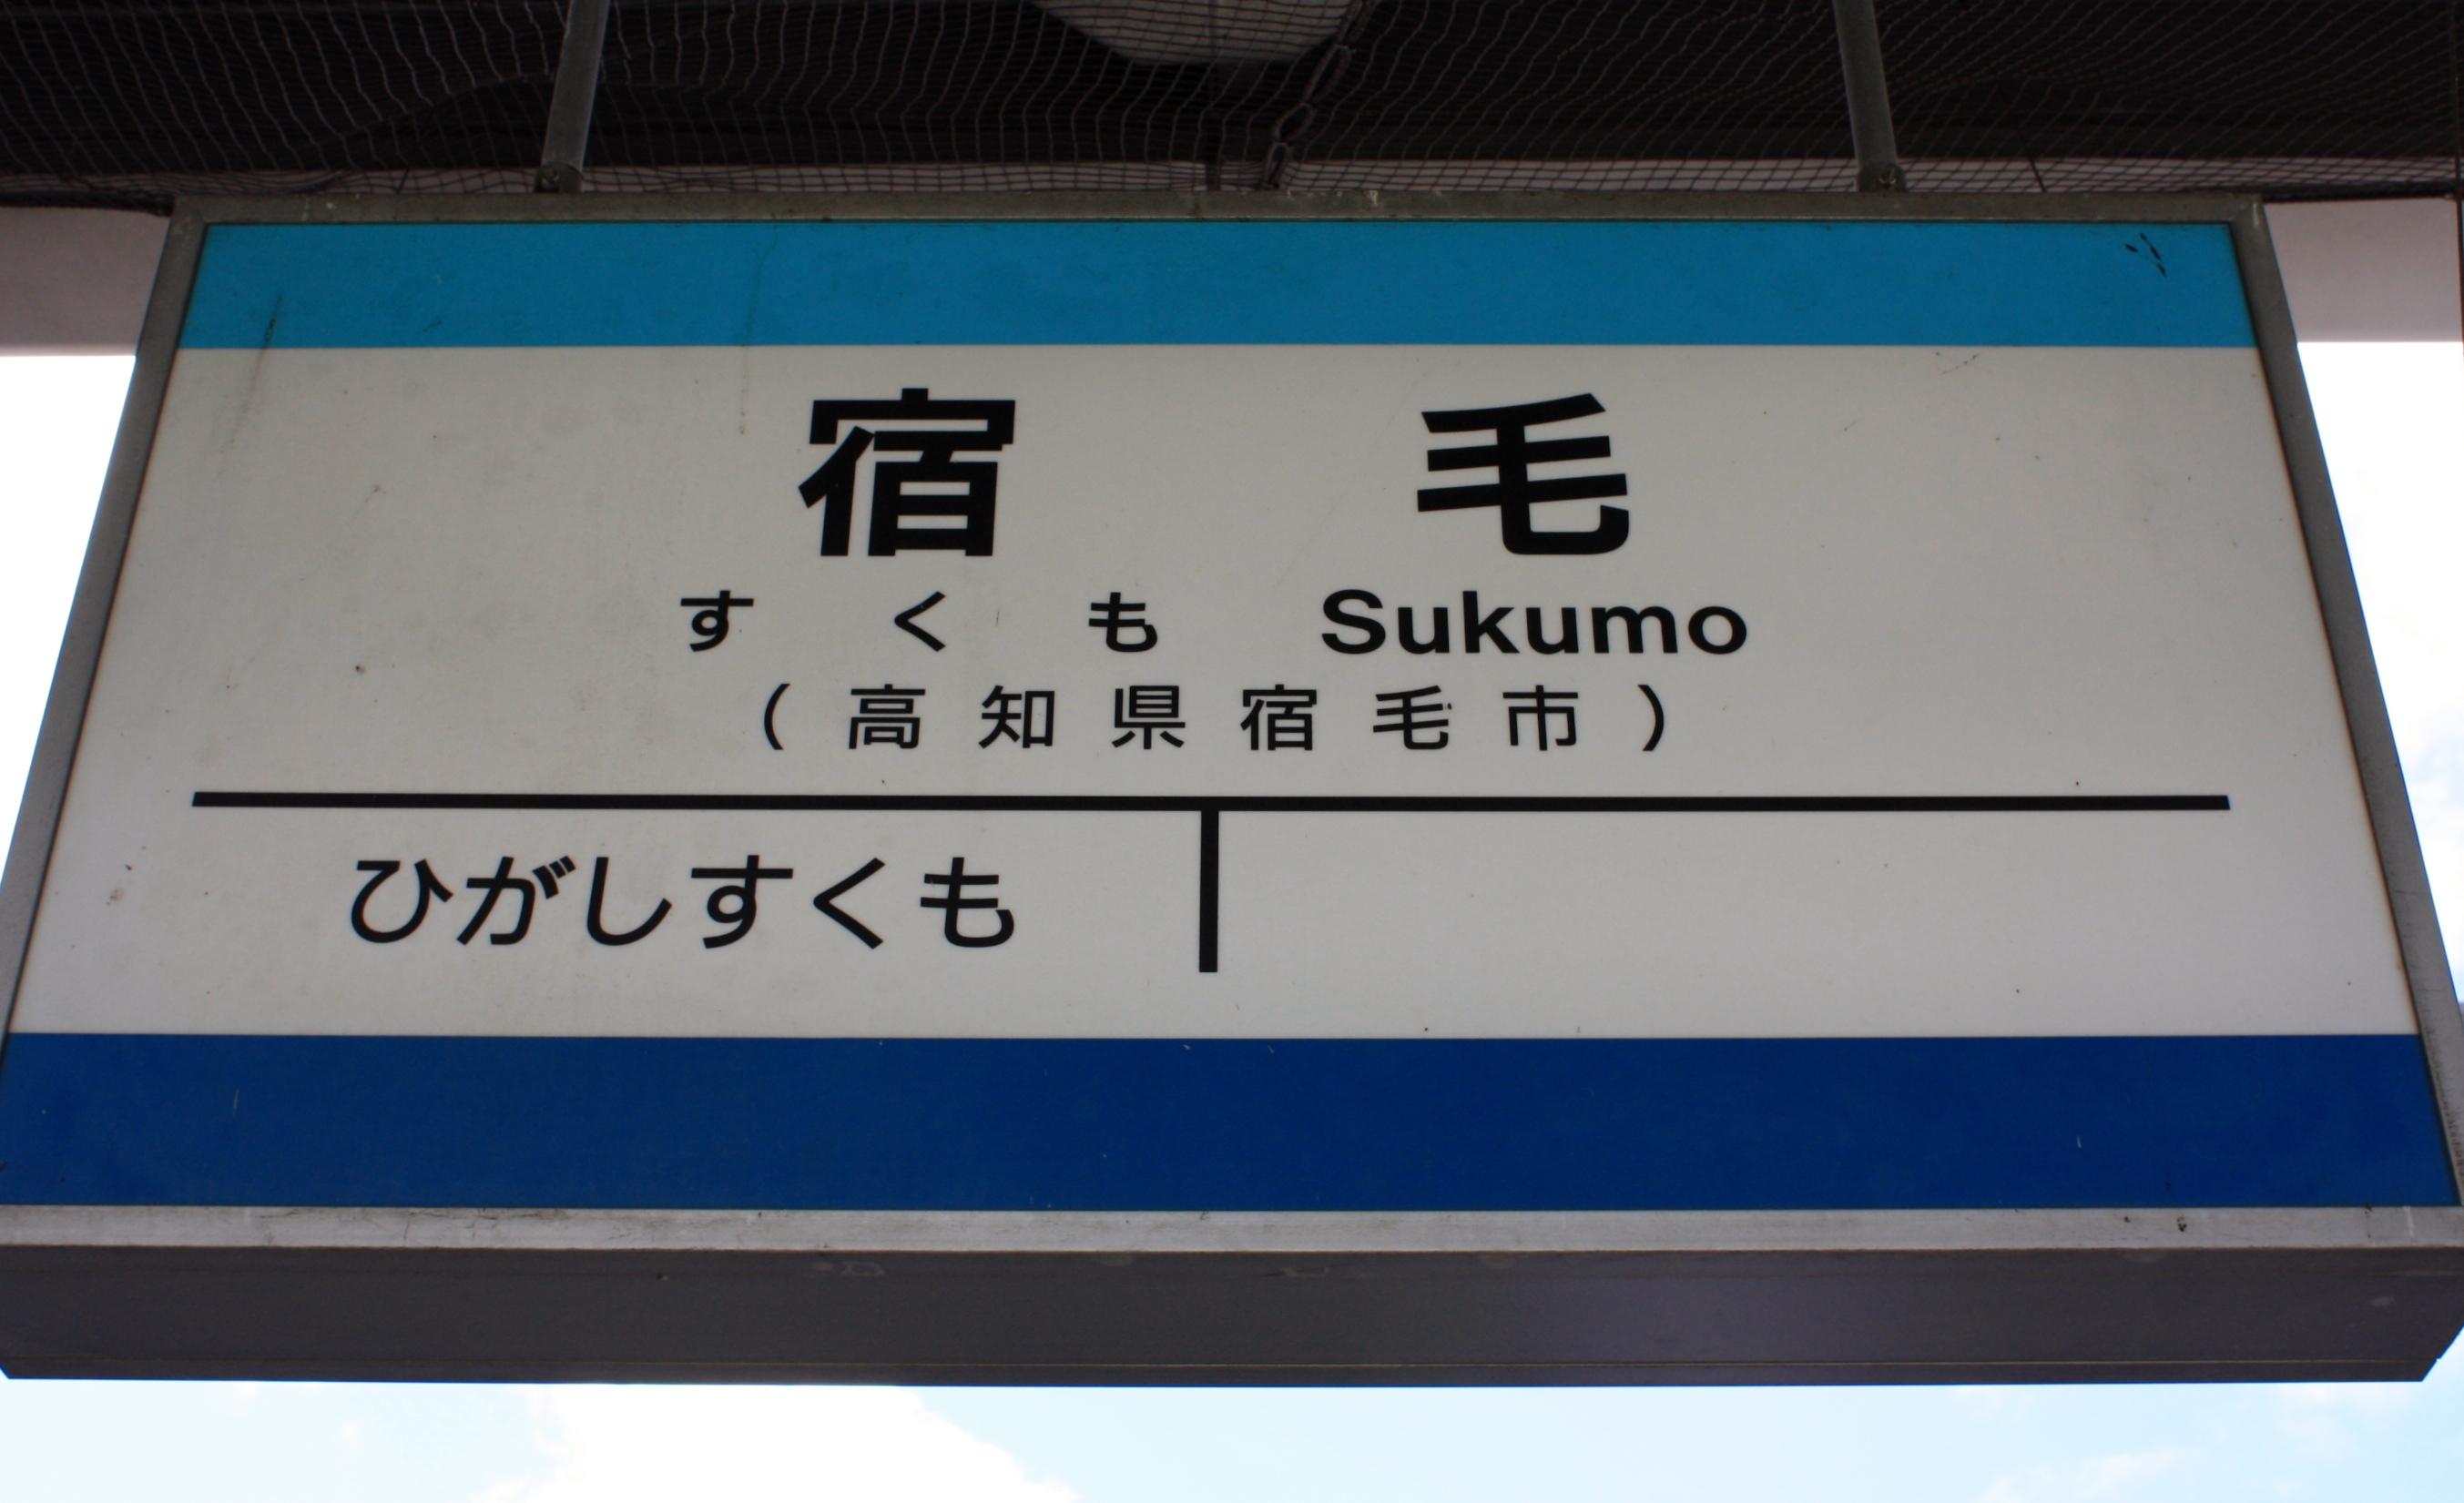 四国最南端の駅です